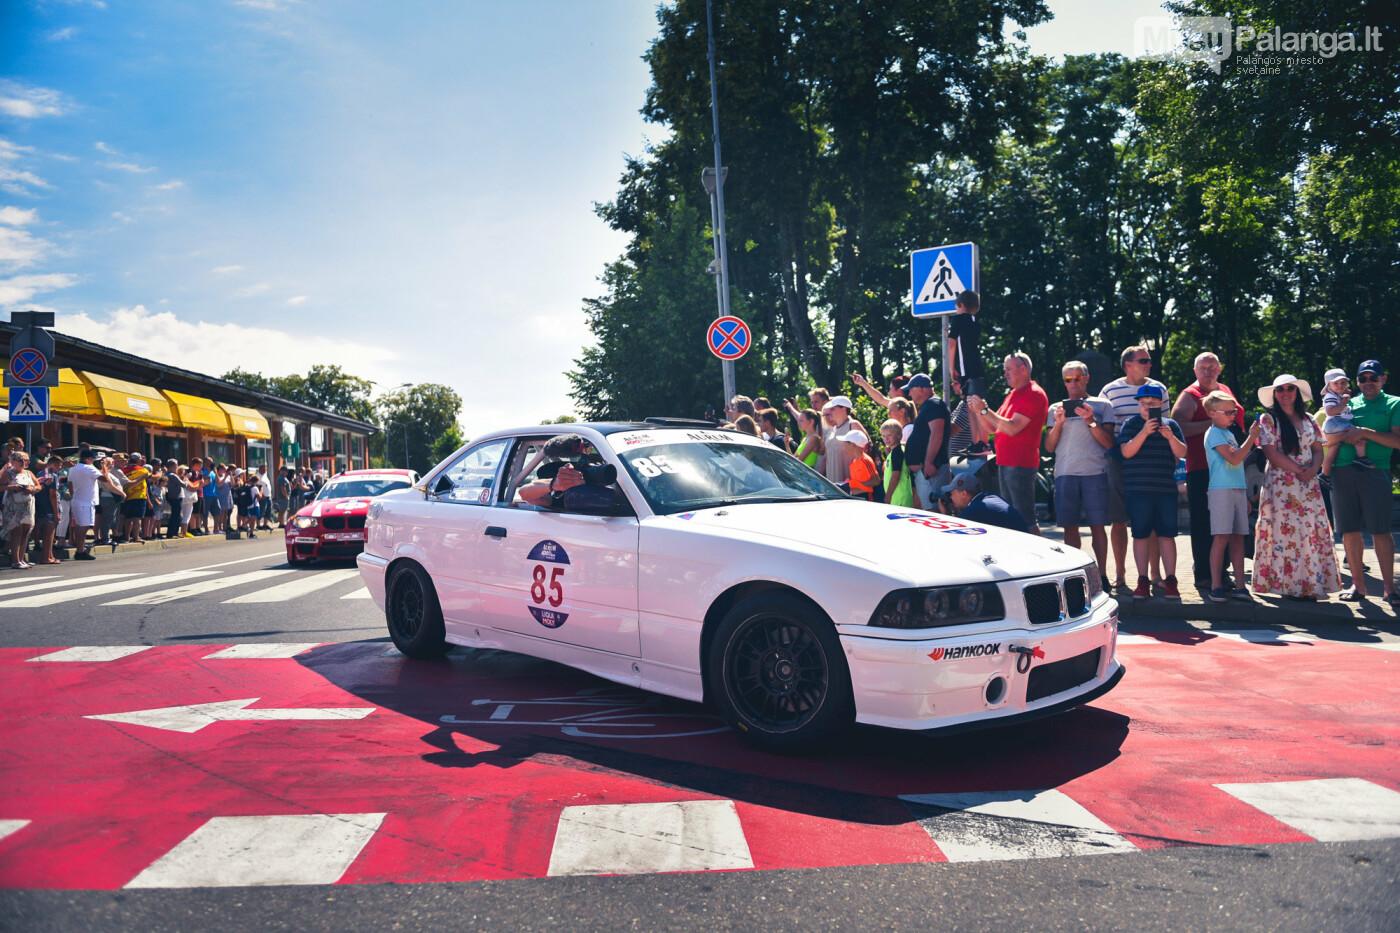 """Palanga alsuoja """"Aurum 1006 km lenktynių"""" ritmu, nuotrauka-108, Vytauto PILKAUSKO ir Arno STRUMILOS nuotr."""